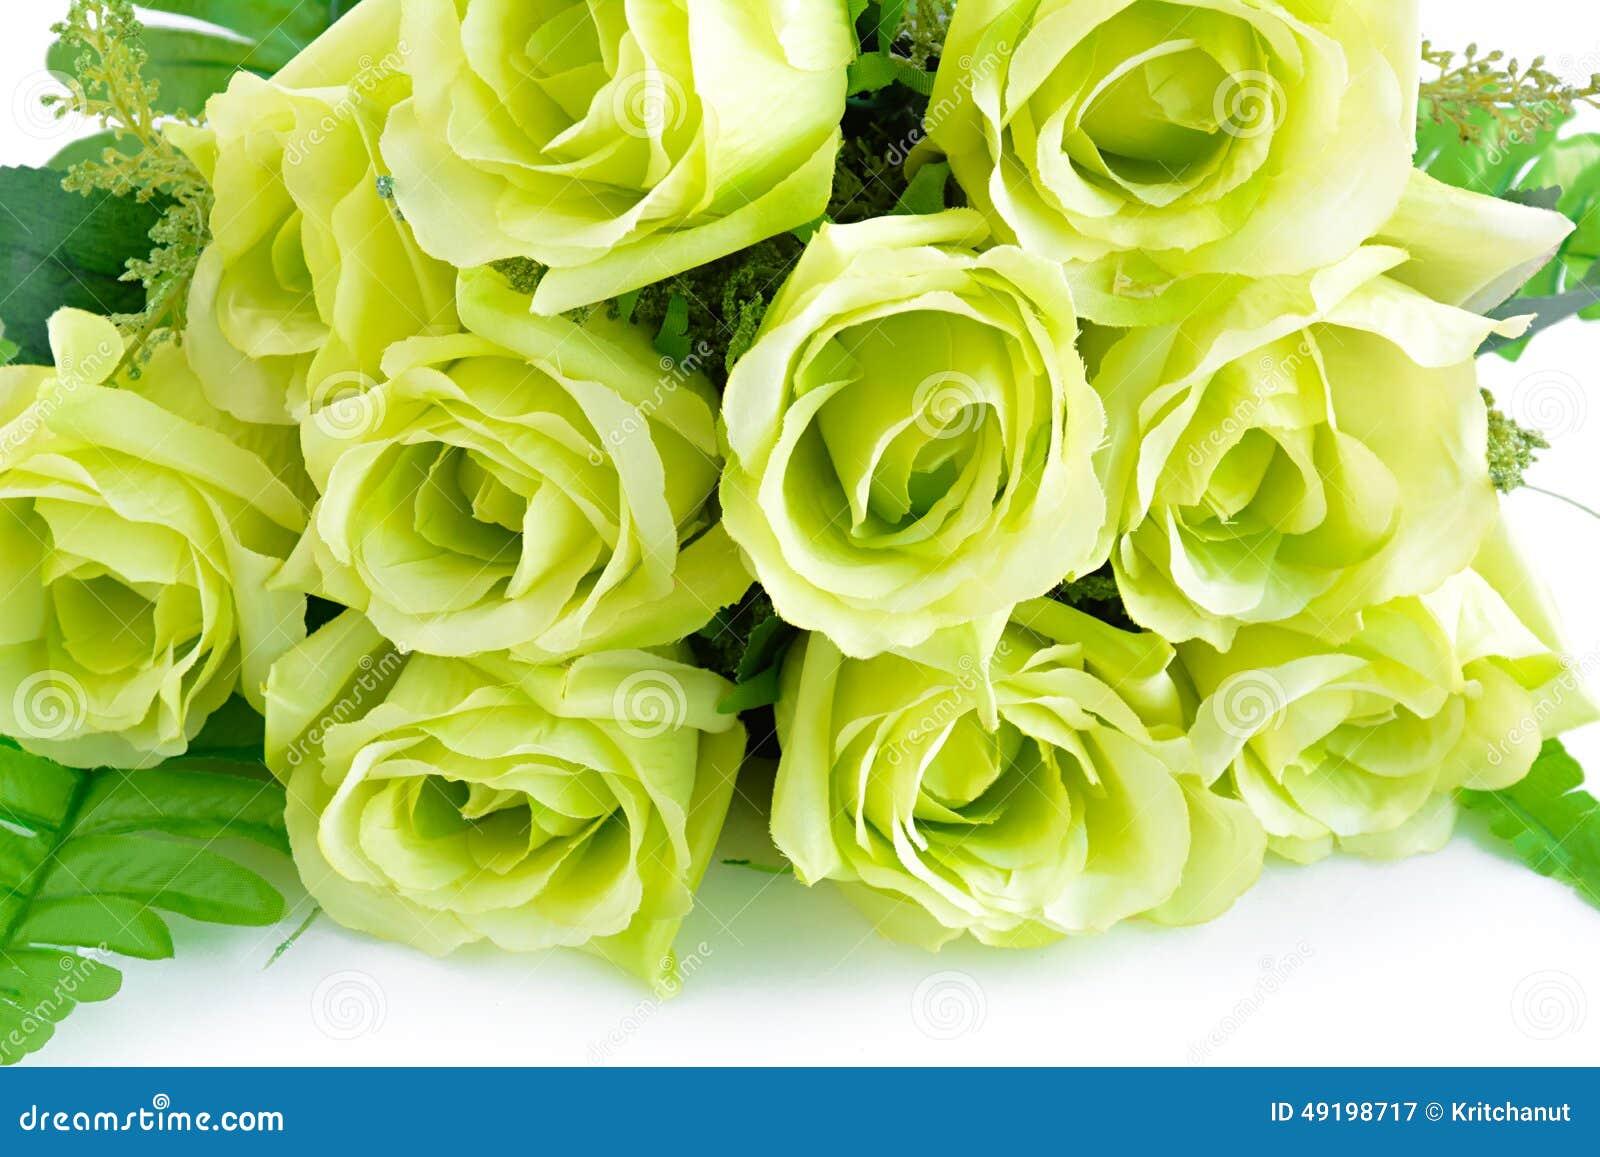 Bouquet de fleurs sur fond blanc for Bouquet de fleurs vert et blanc